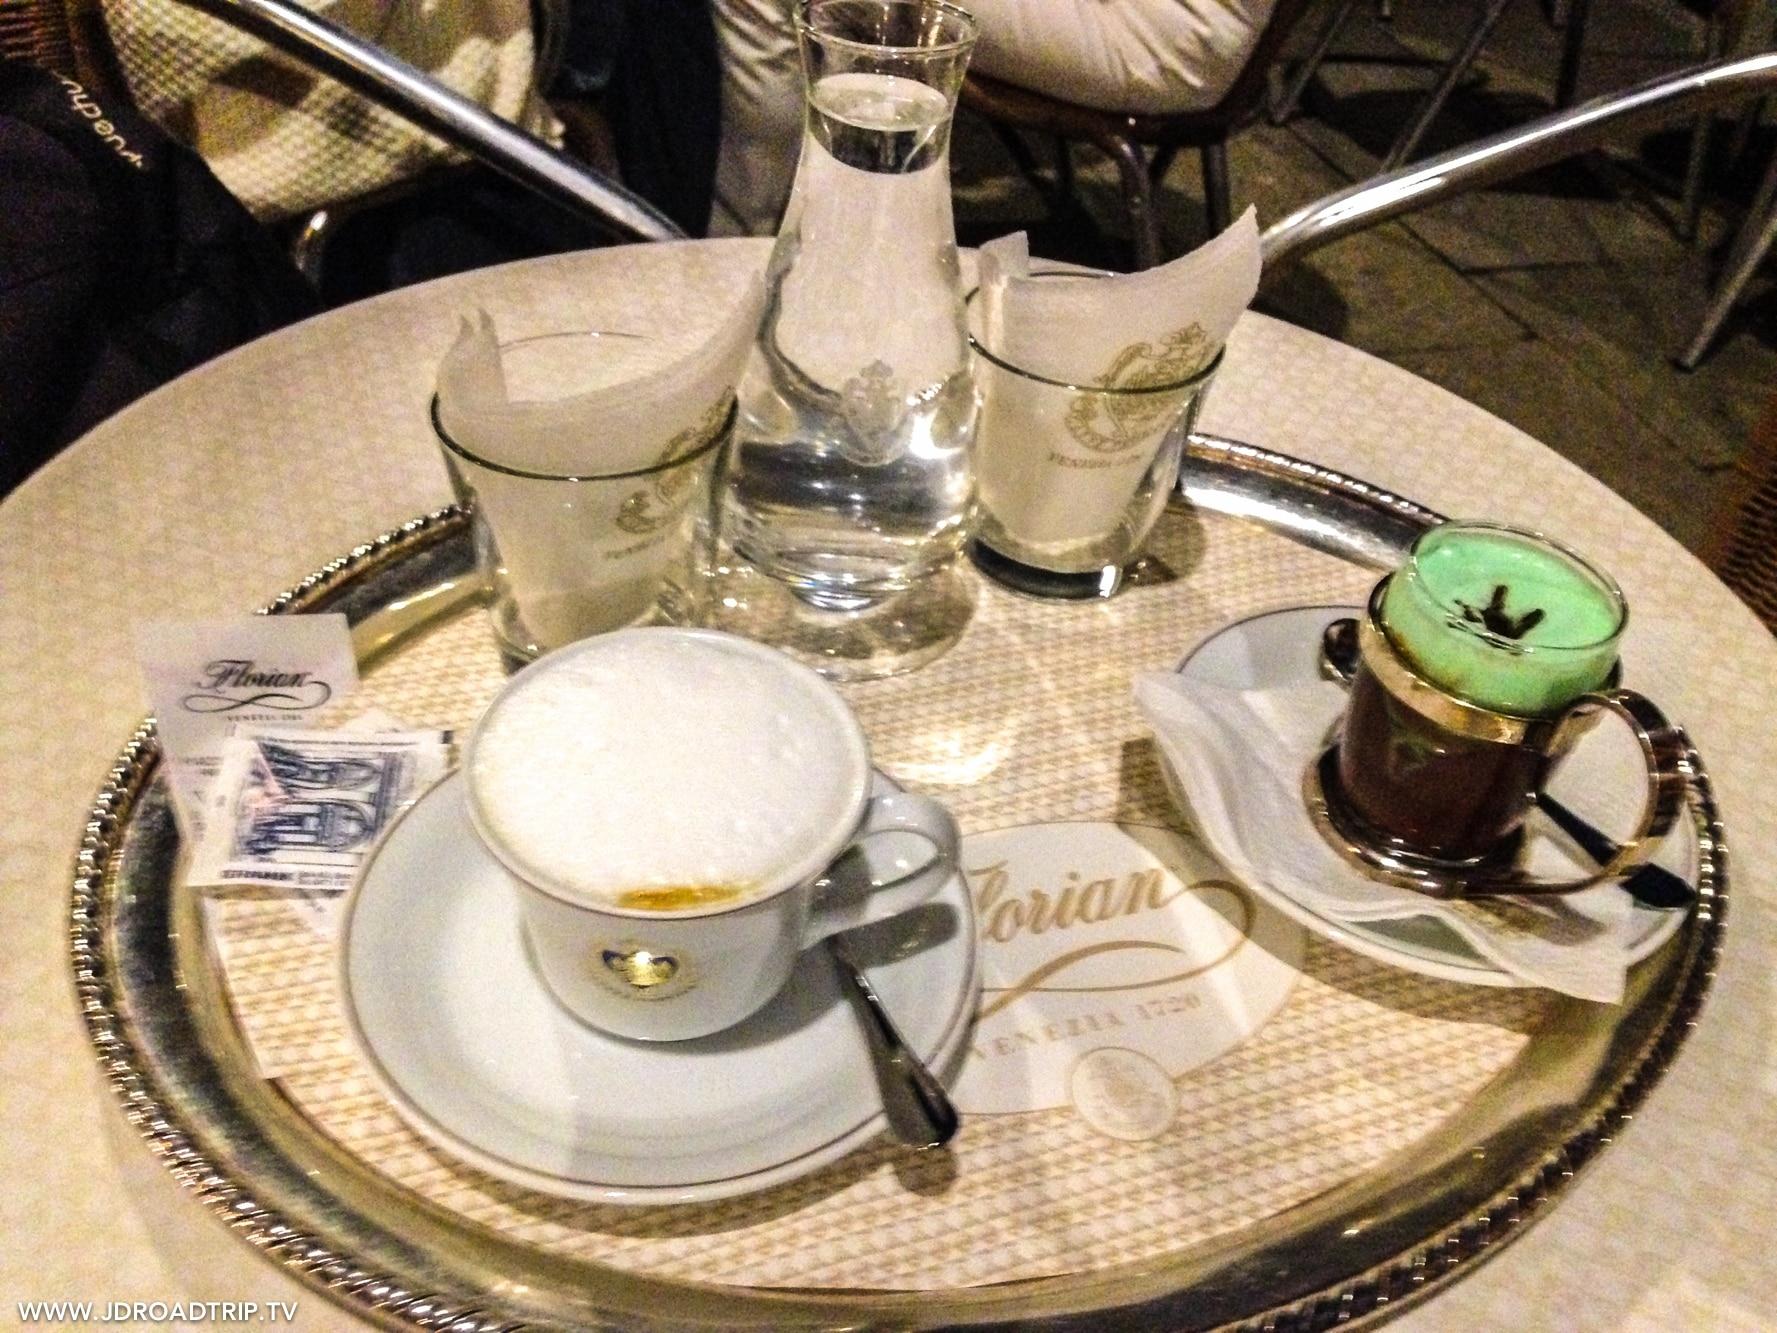 Visiter Venise en 3 jours - Café Florian